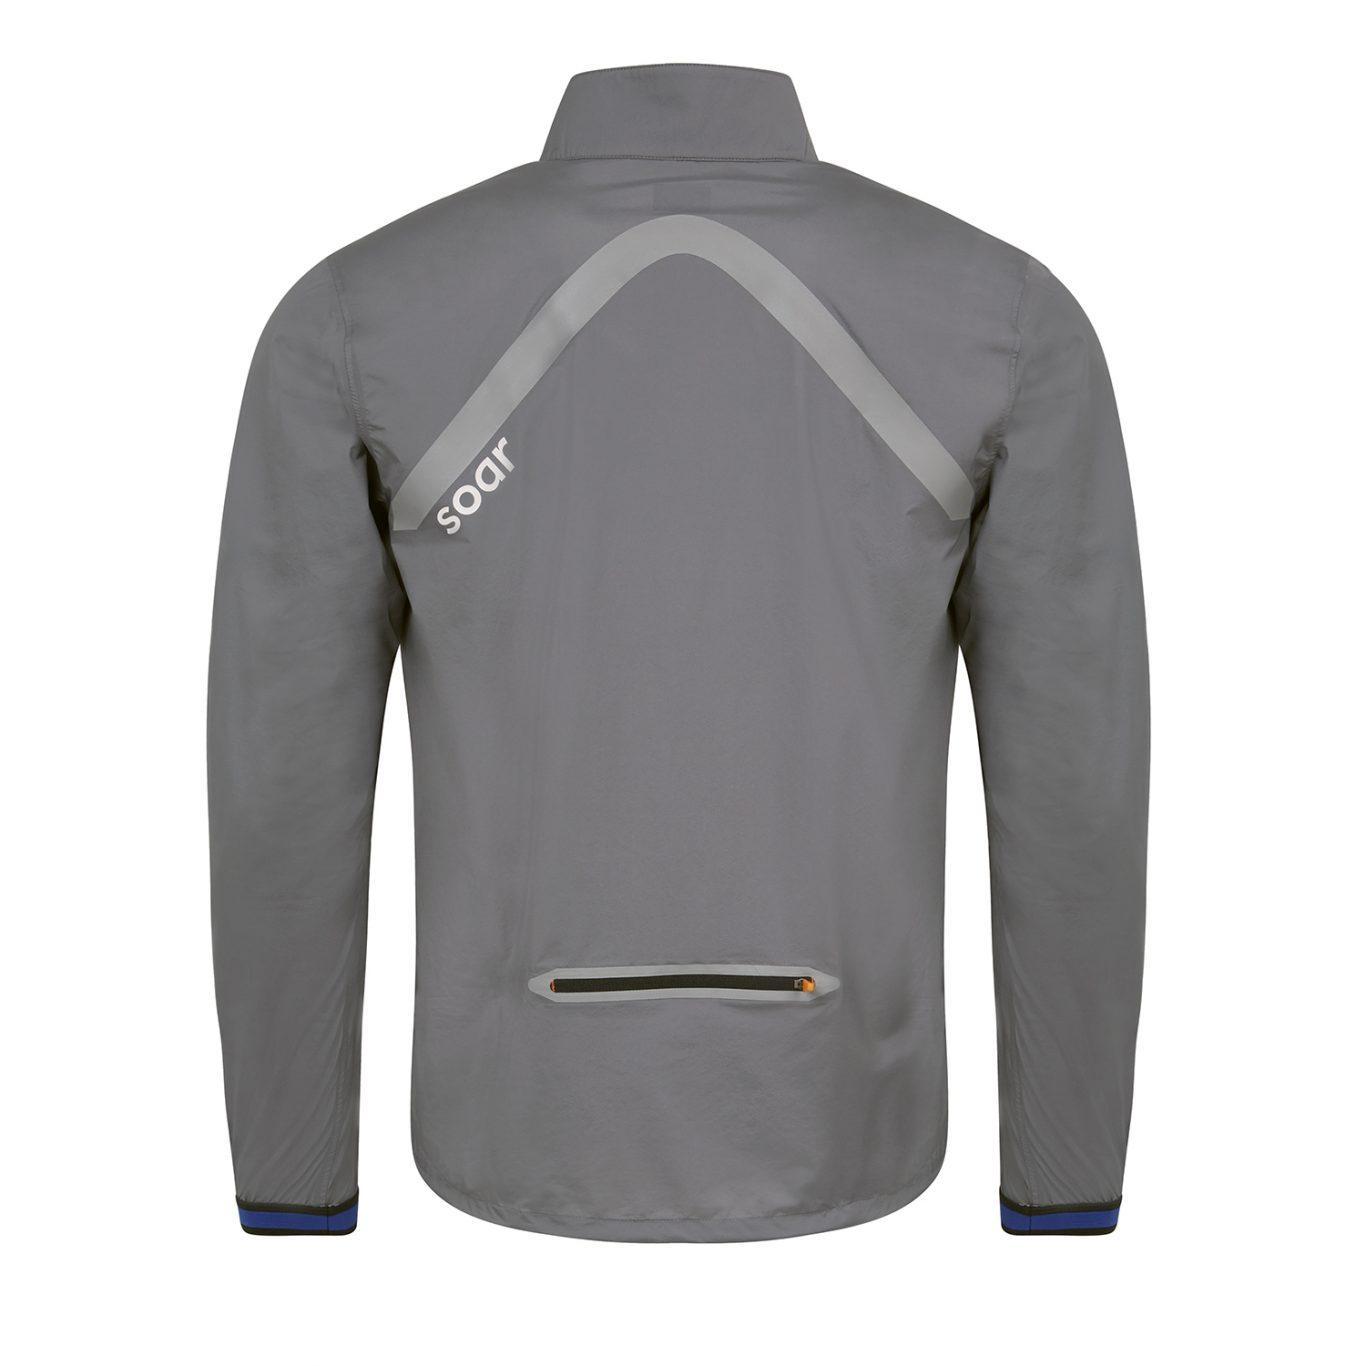 (c) Soar Ultra Rain Jacket